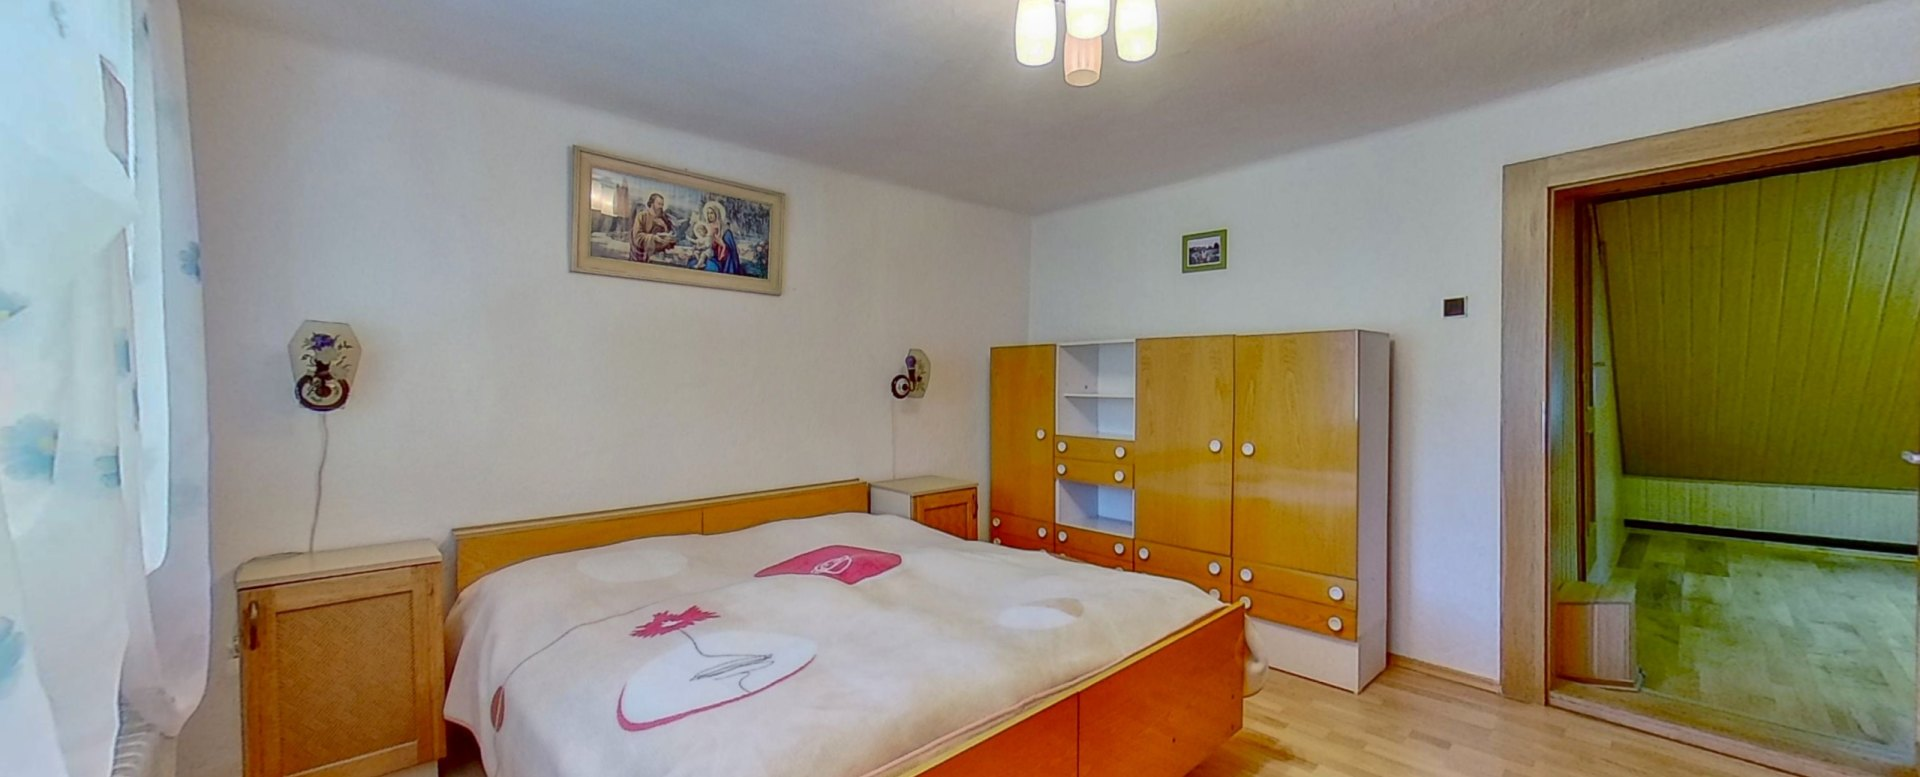 Manželská posteľ v podkrovnej spálni